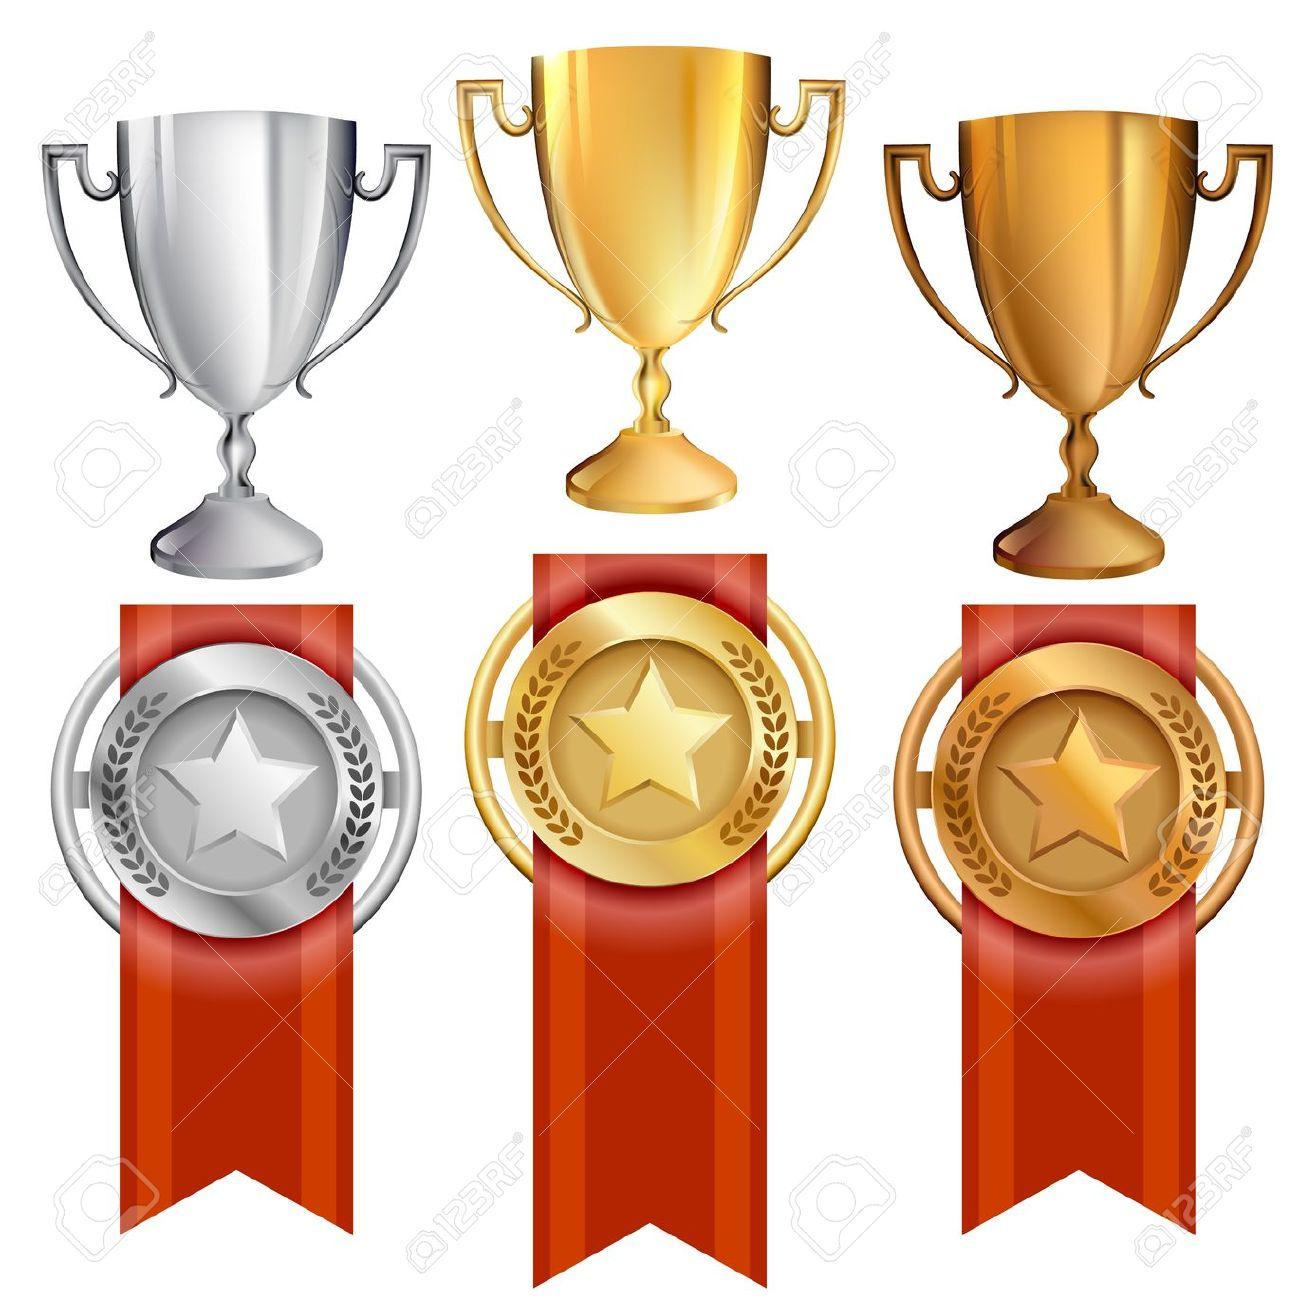 Trophy clipart achievement Trophy cliparts Gold Bronze Medal